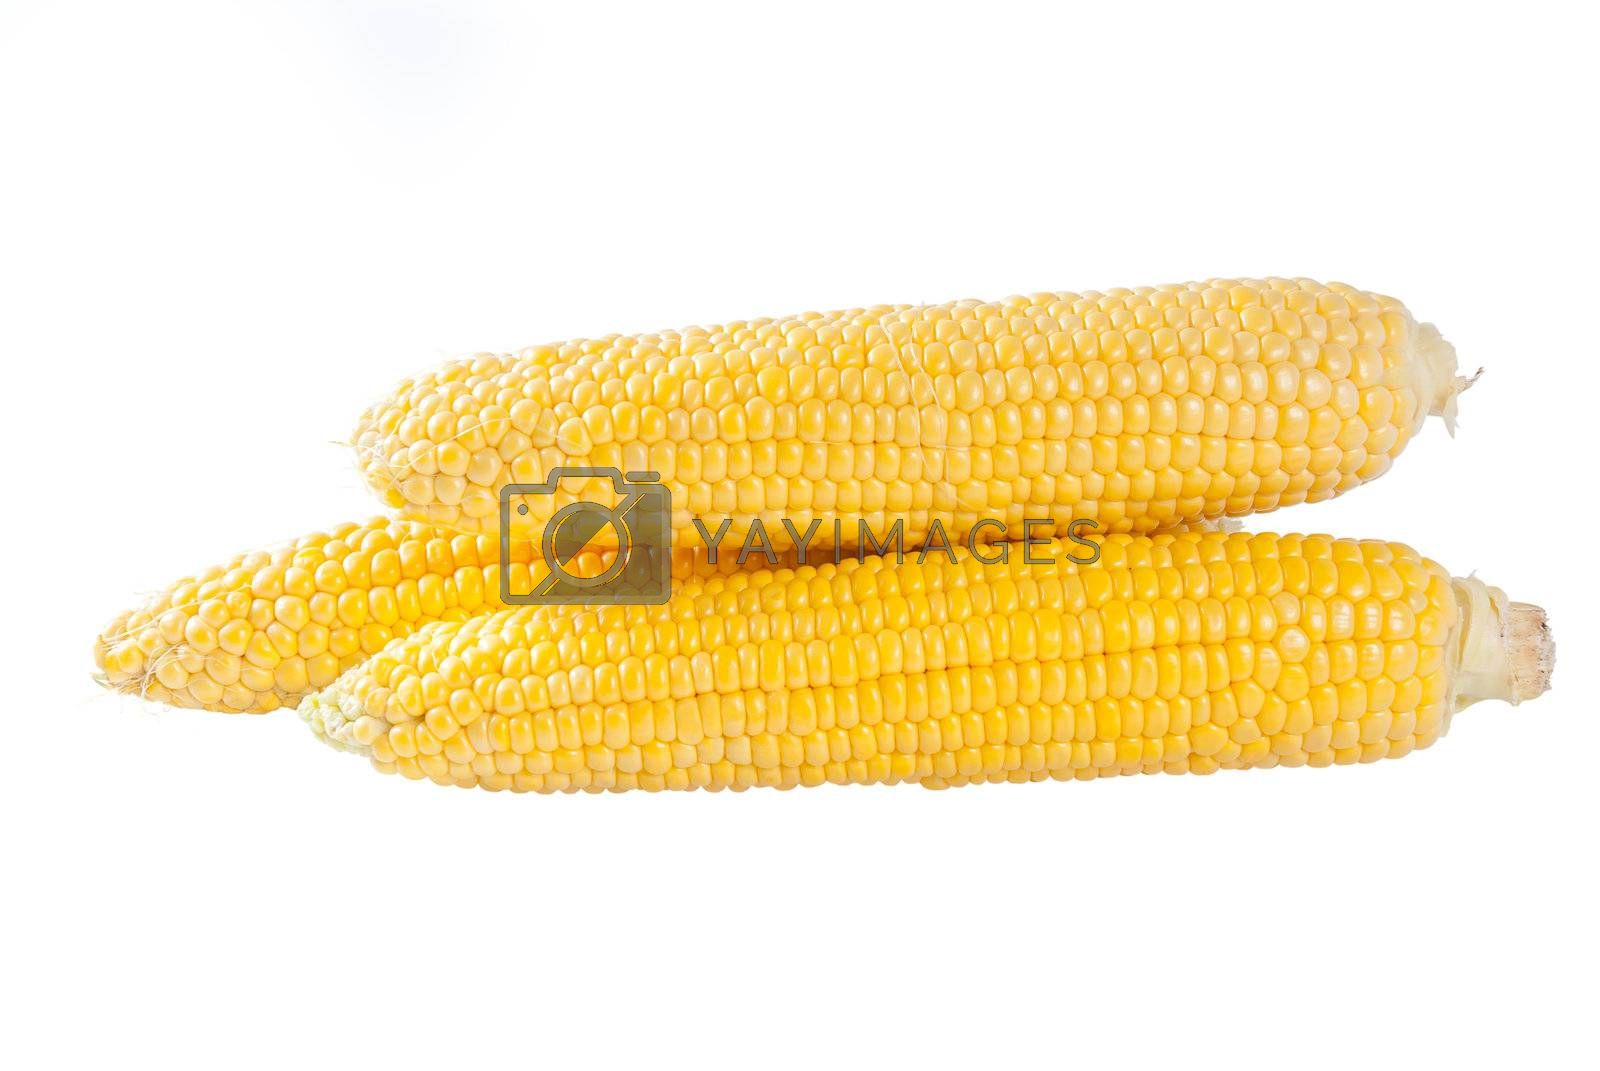 Ears of corn by firewings